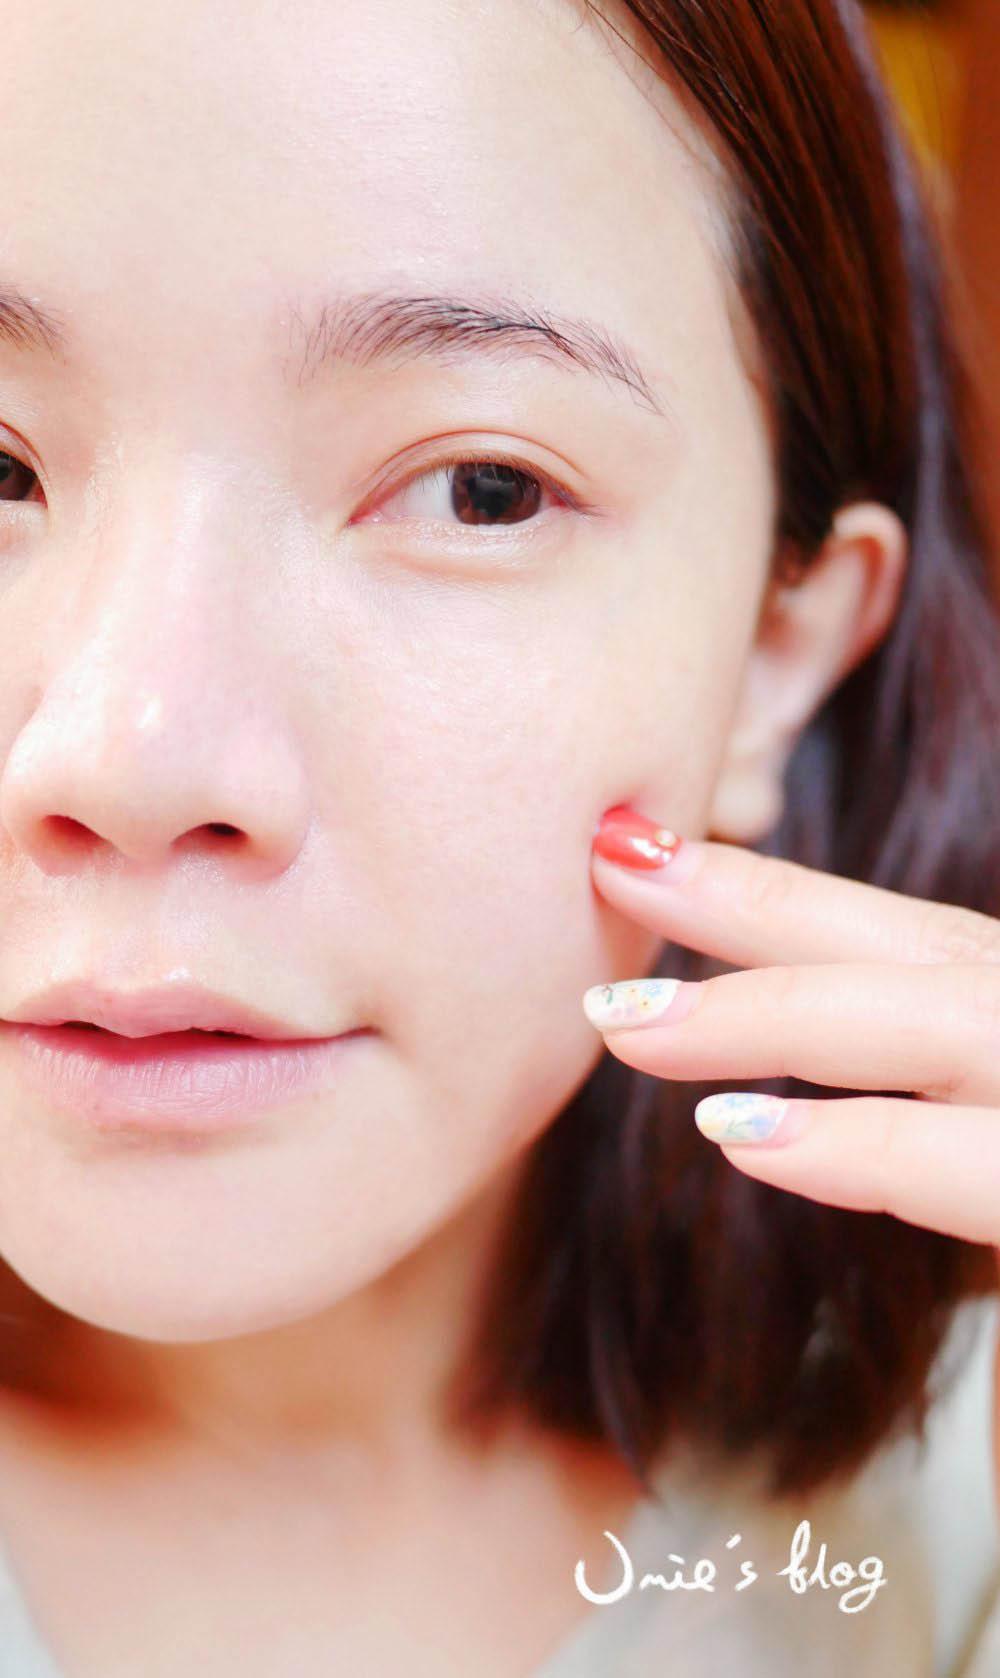 乾性痘痘肌推薦面膜|簡單保濕緊緻面膜,超值有感的六胜肽保養面膜 :)